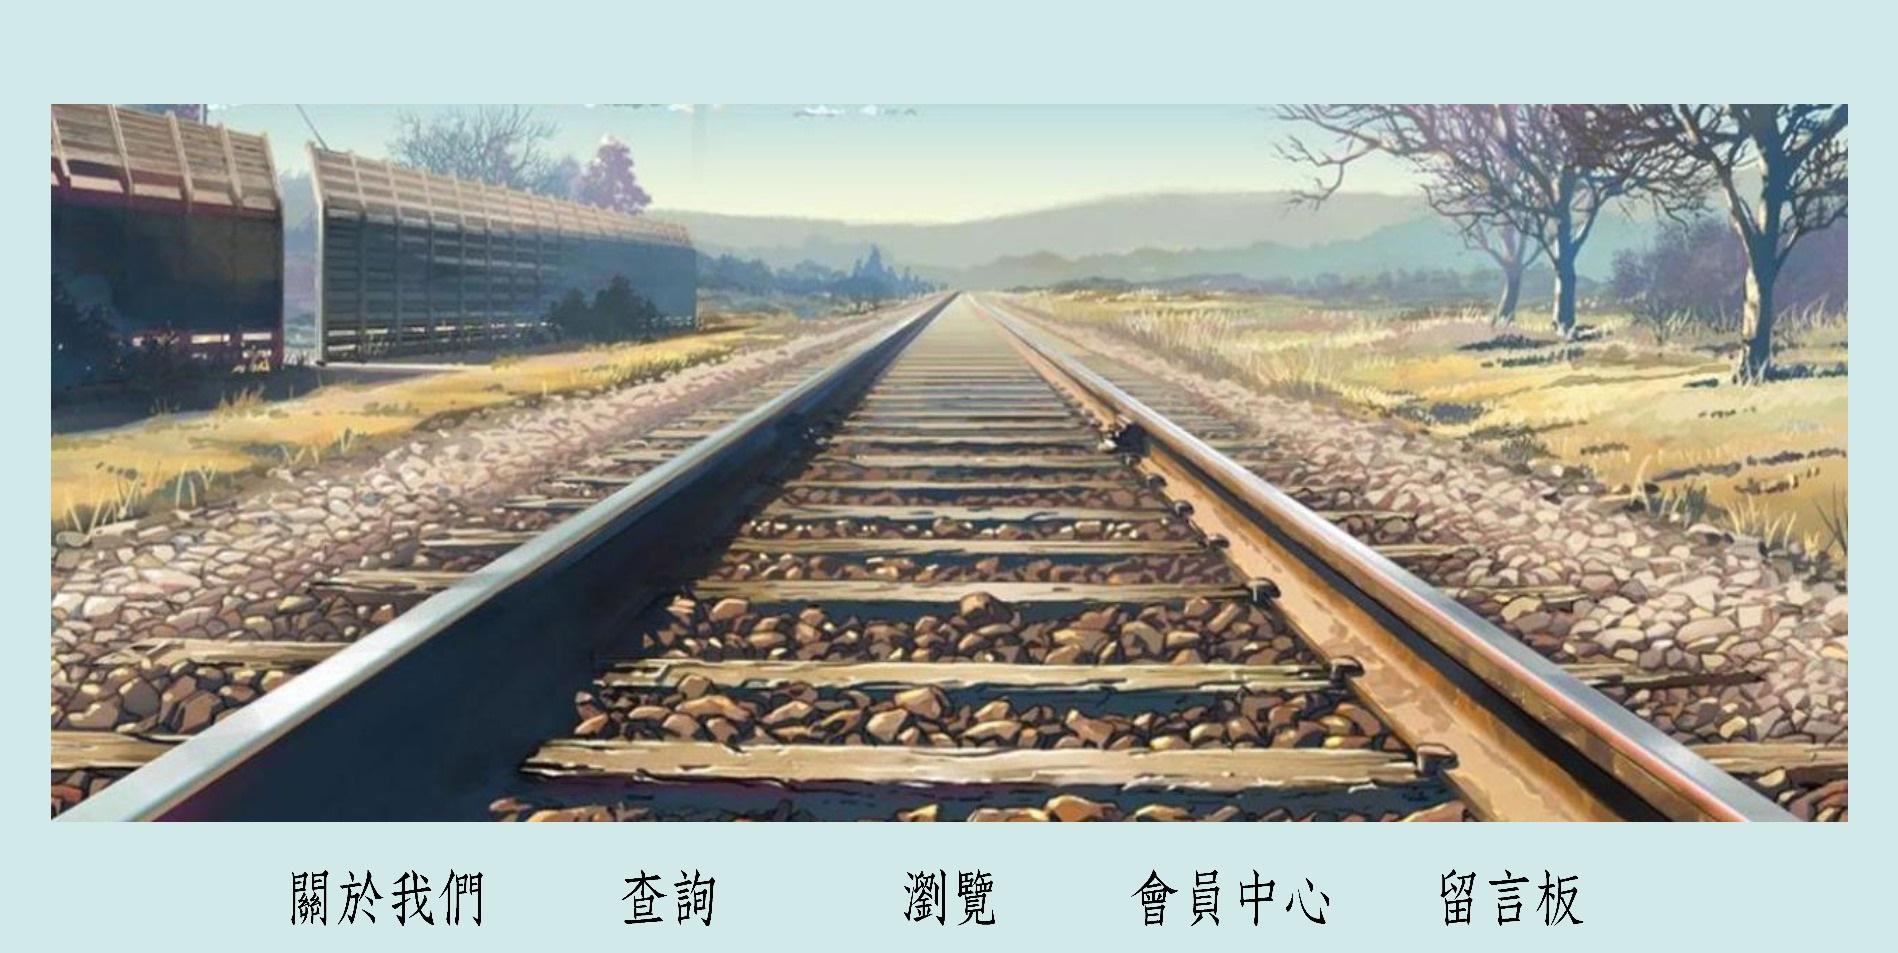 火車站查詢系統